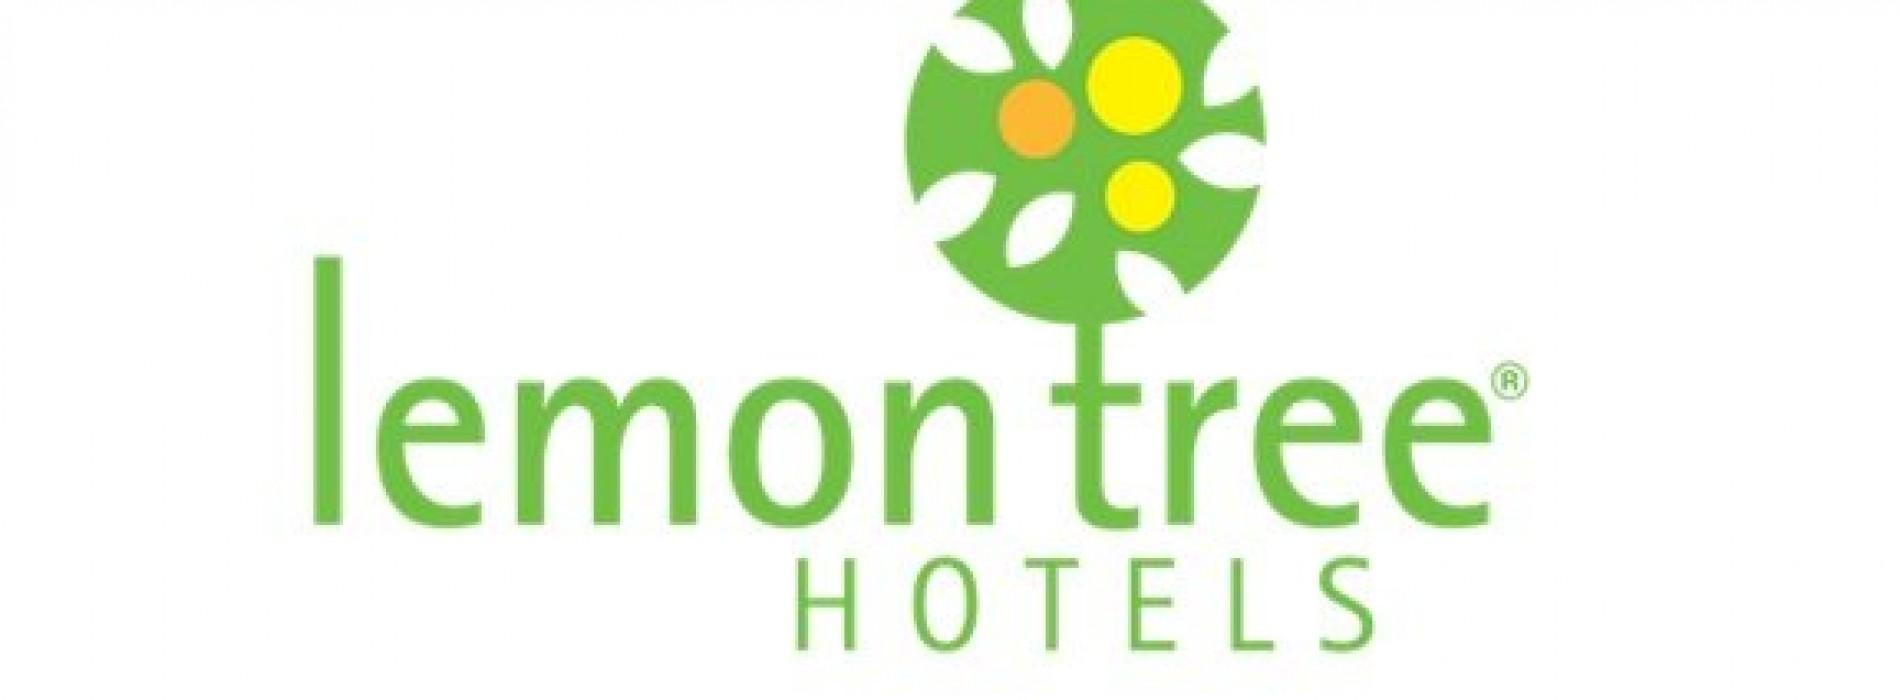 Lemon Tree Hotels enters Baddi